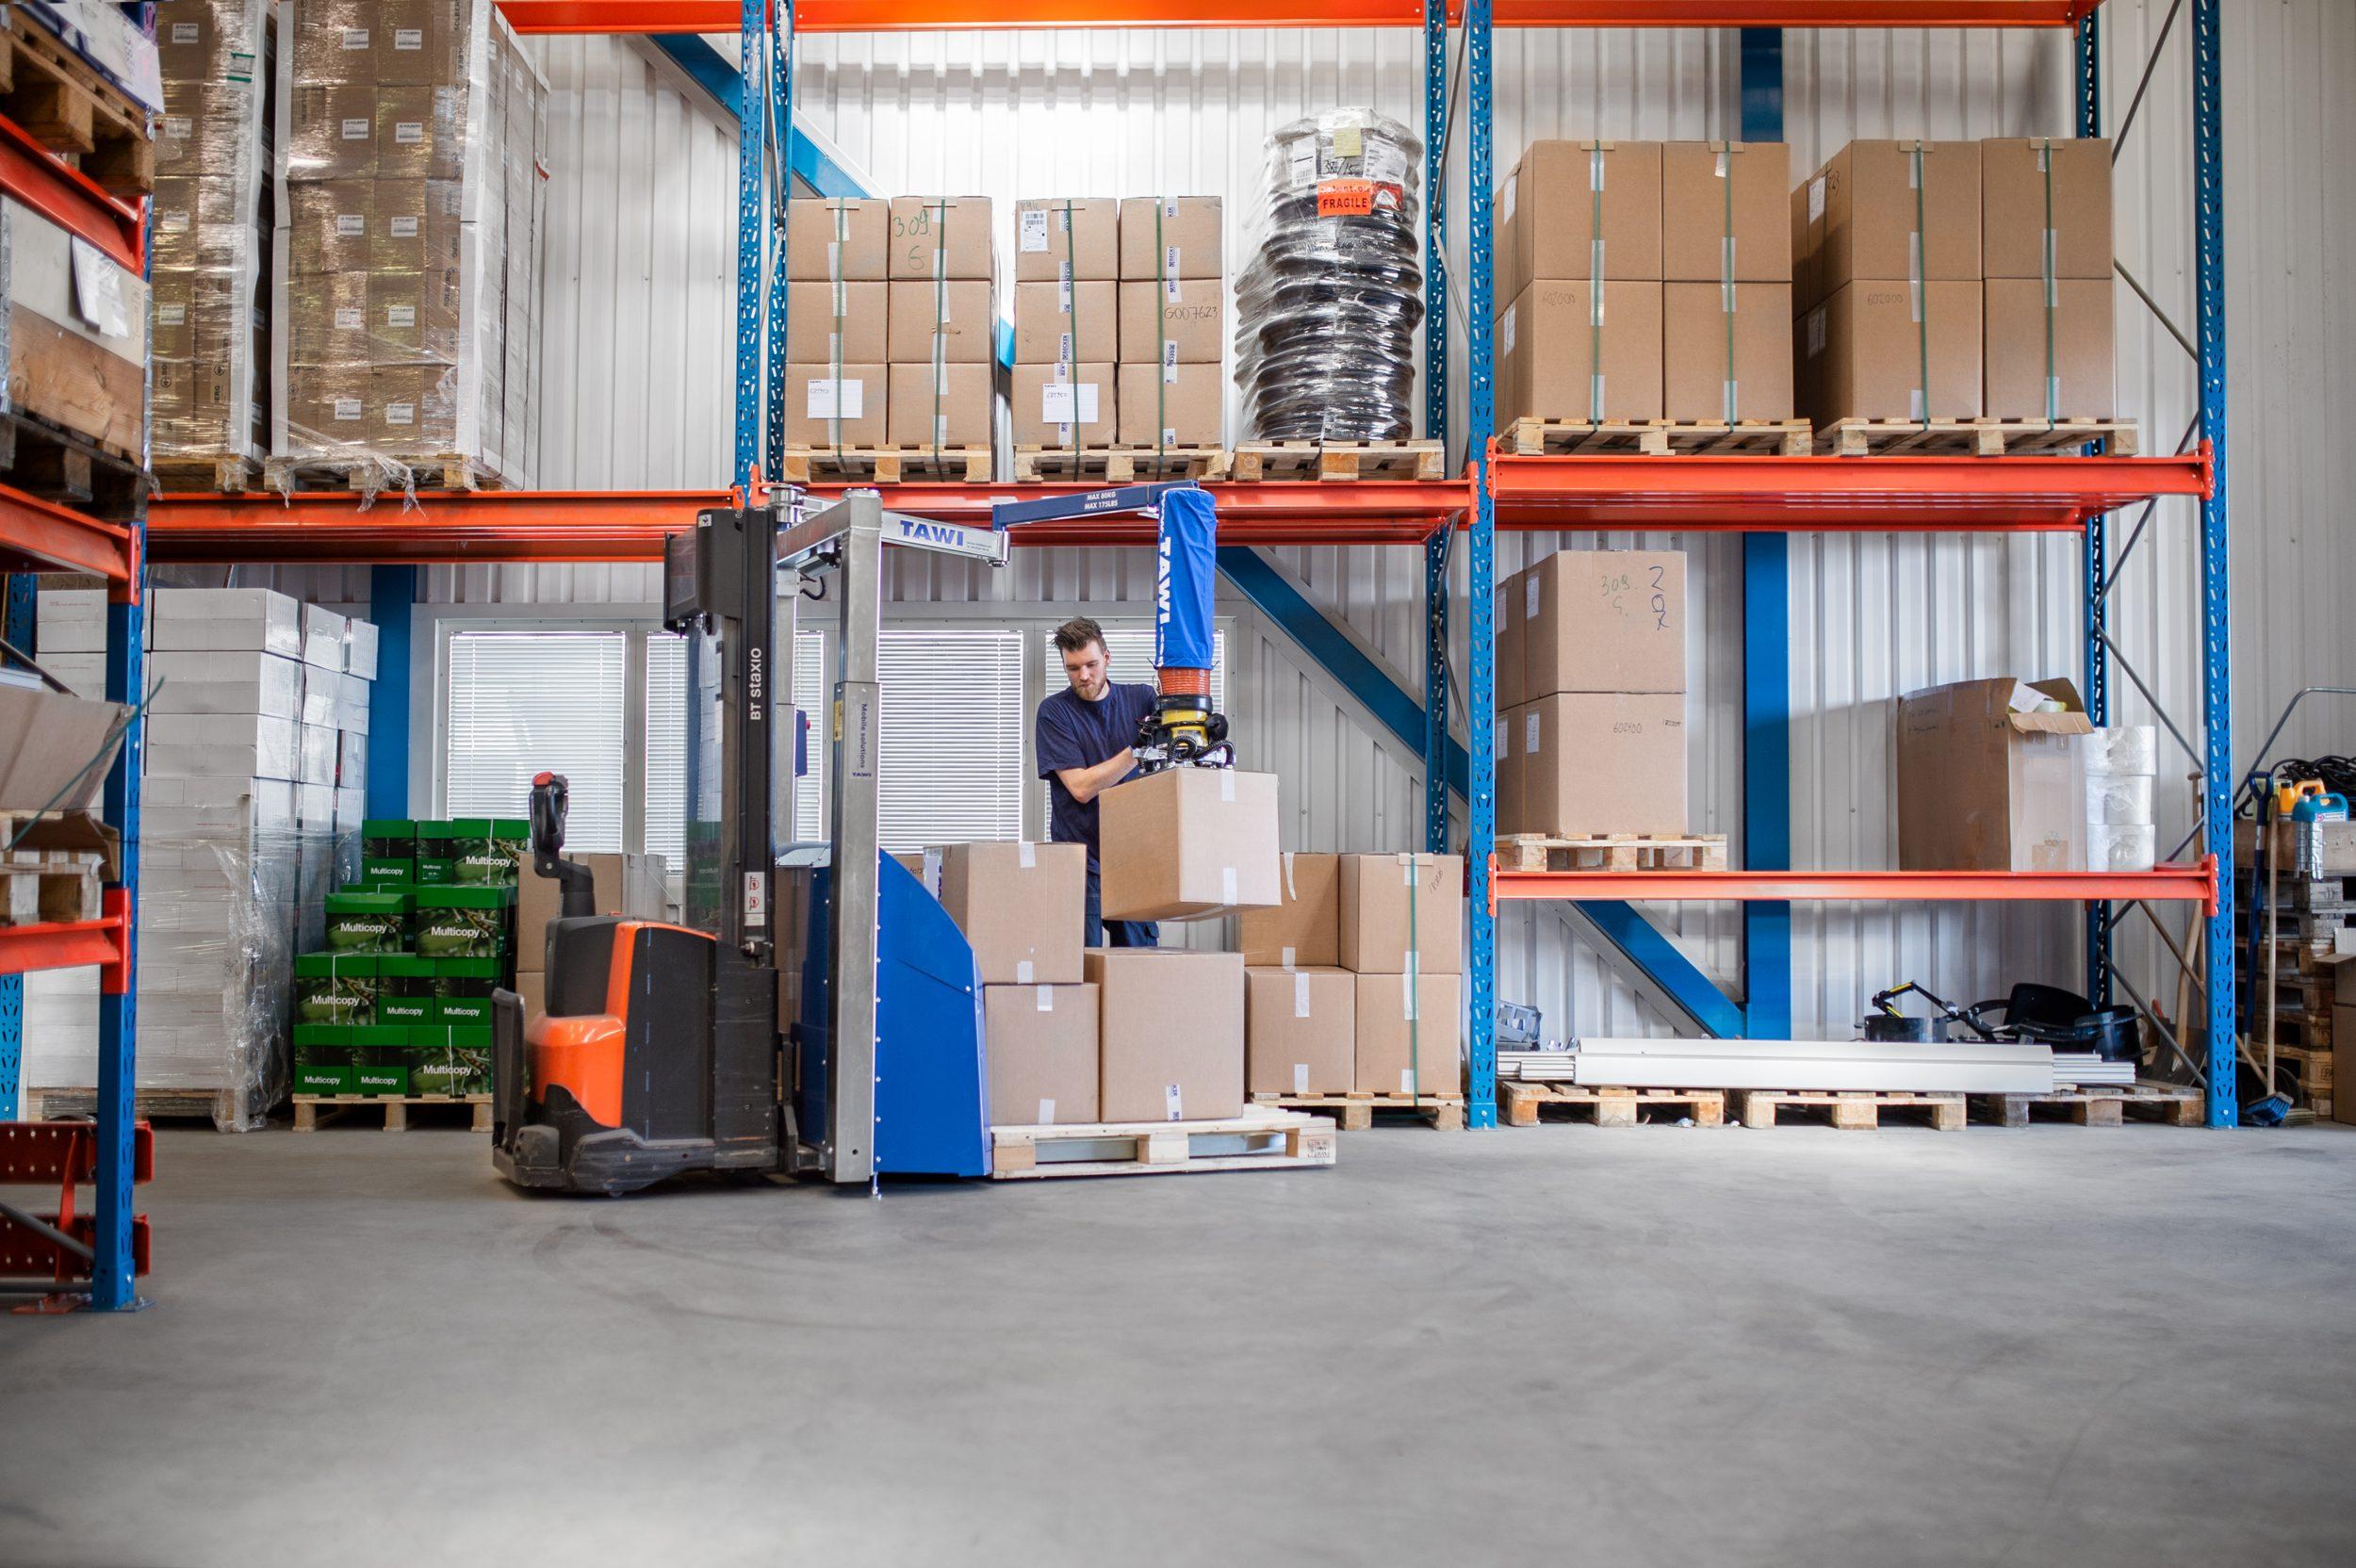 TAWI, Mobile Order Picker, MOP, Logistik, Kartons, Lager, Handhabungstechnik